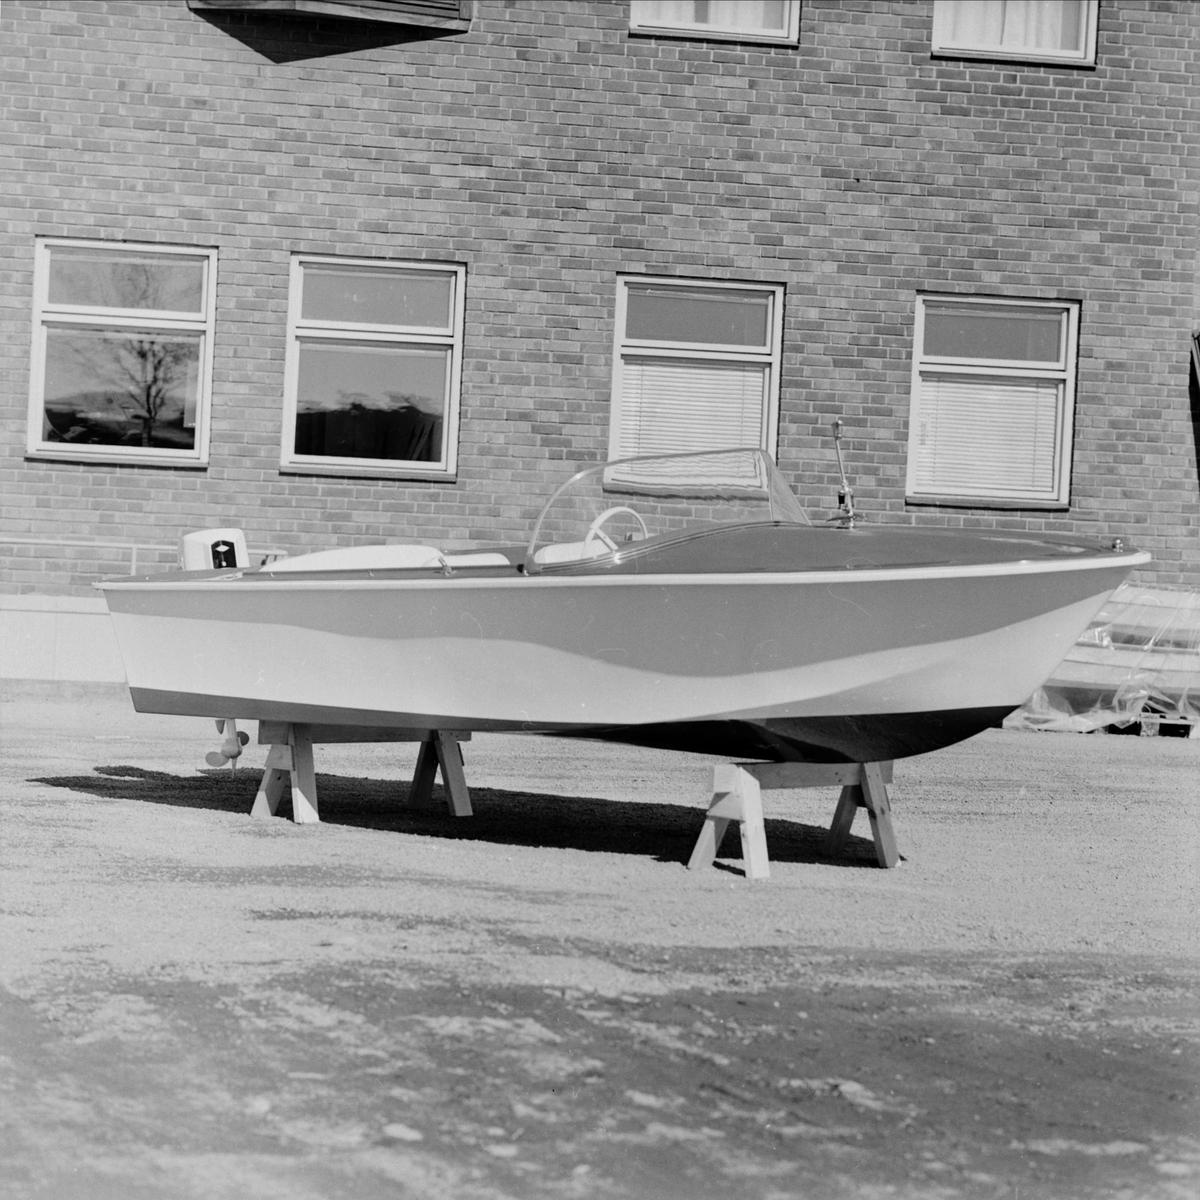 Forum - annonsbild båt, Uppsala april 1965